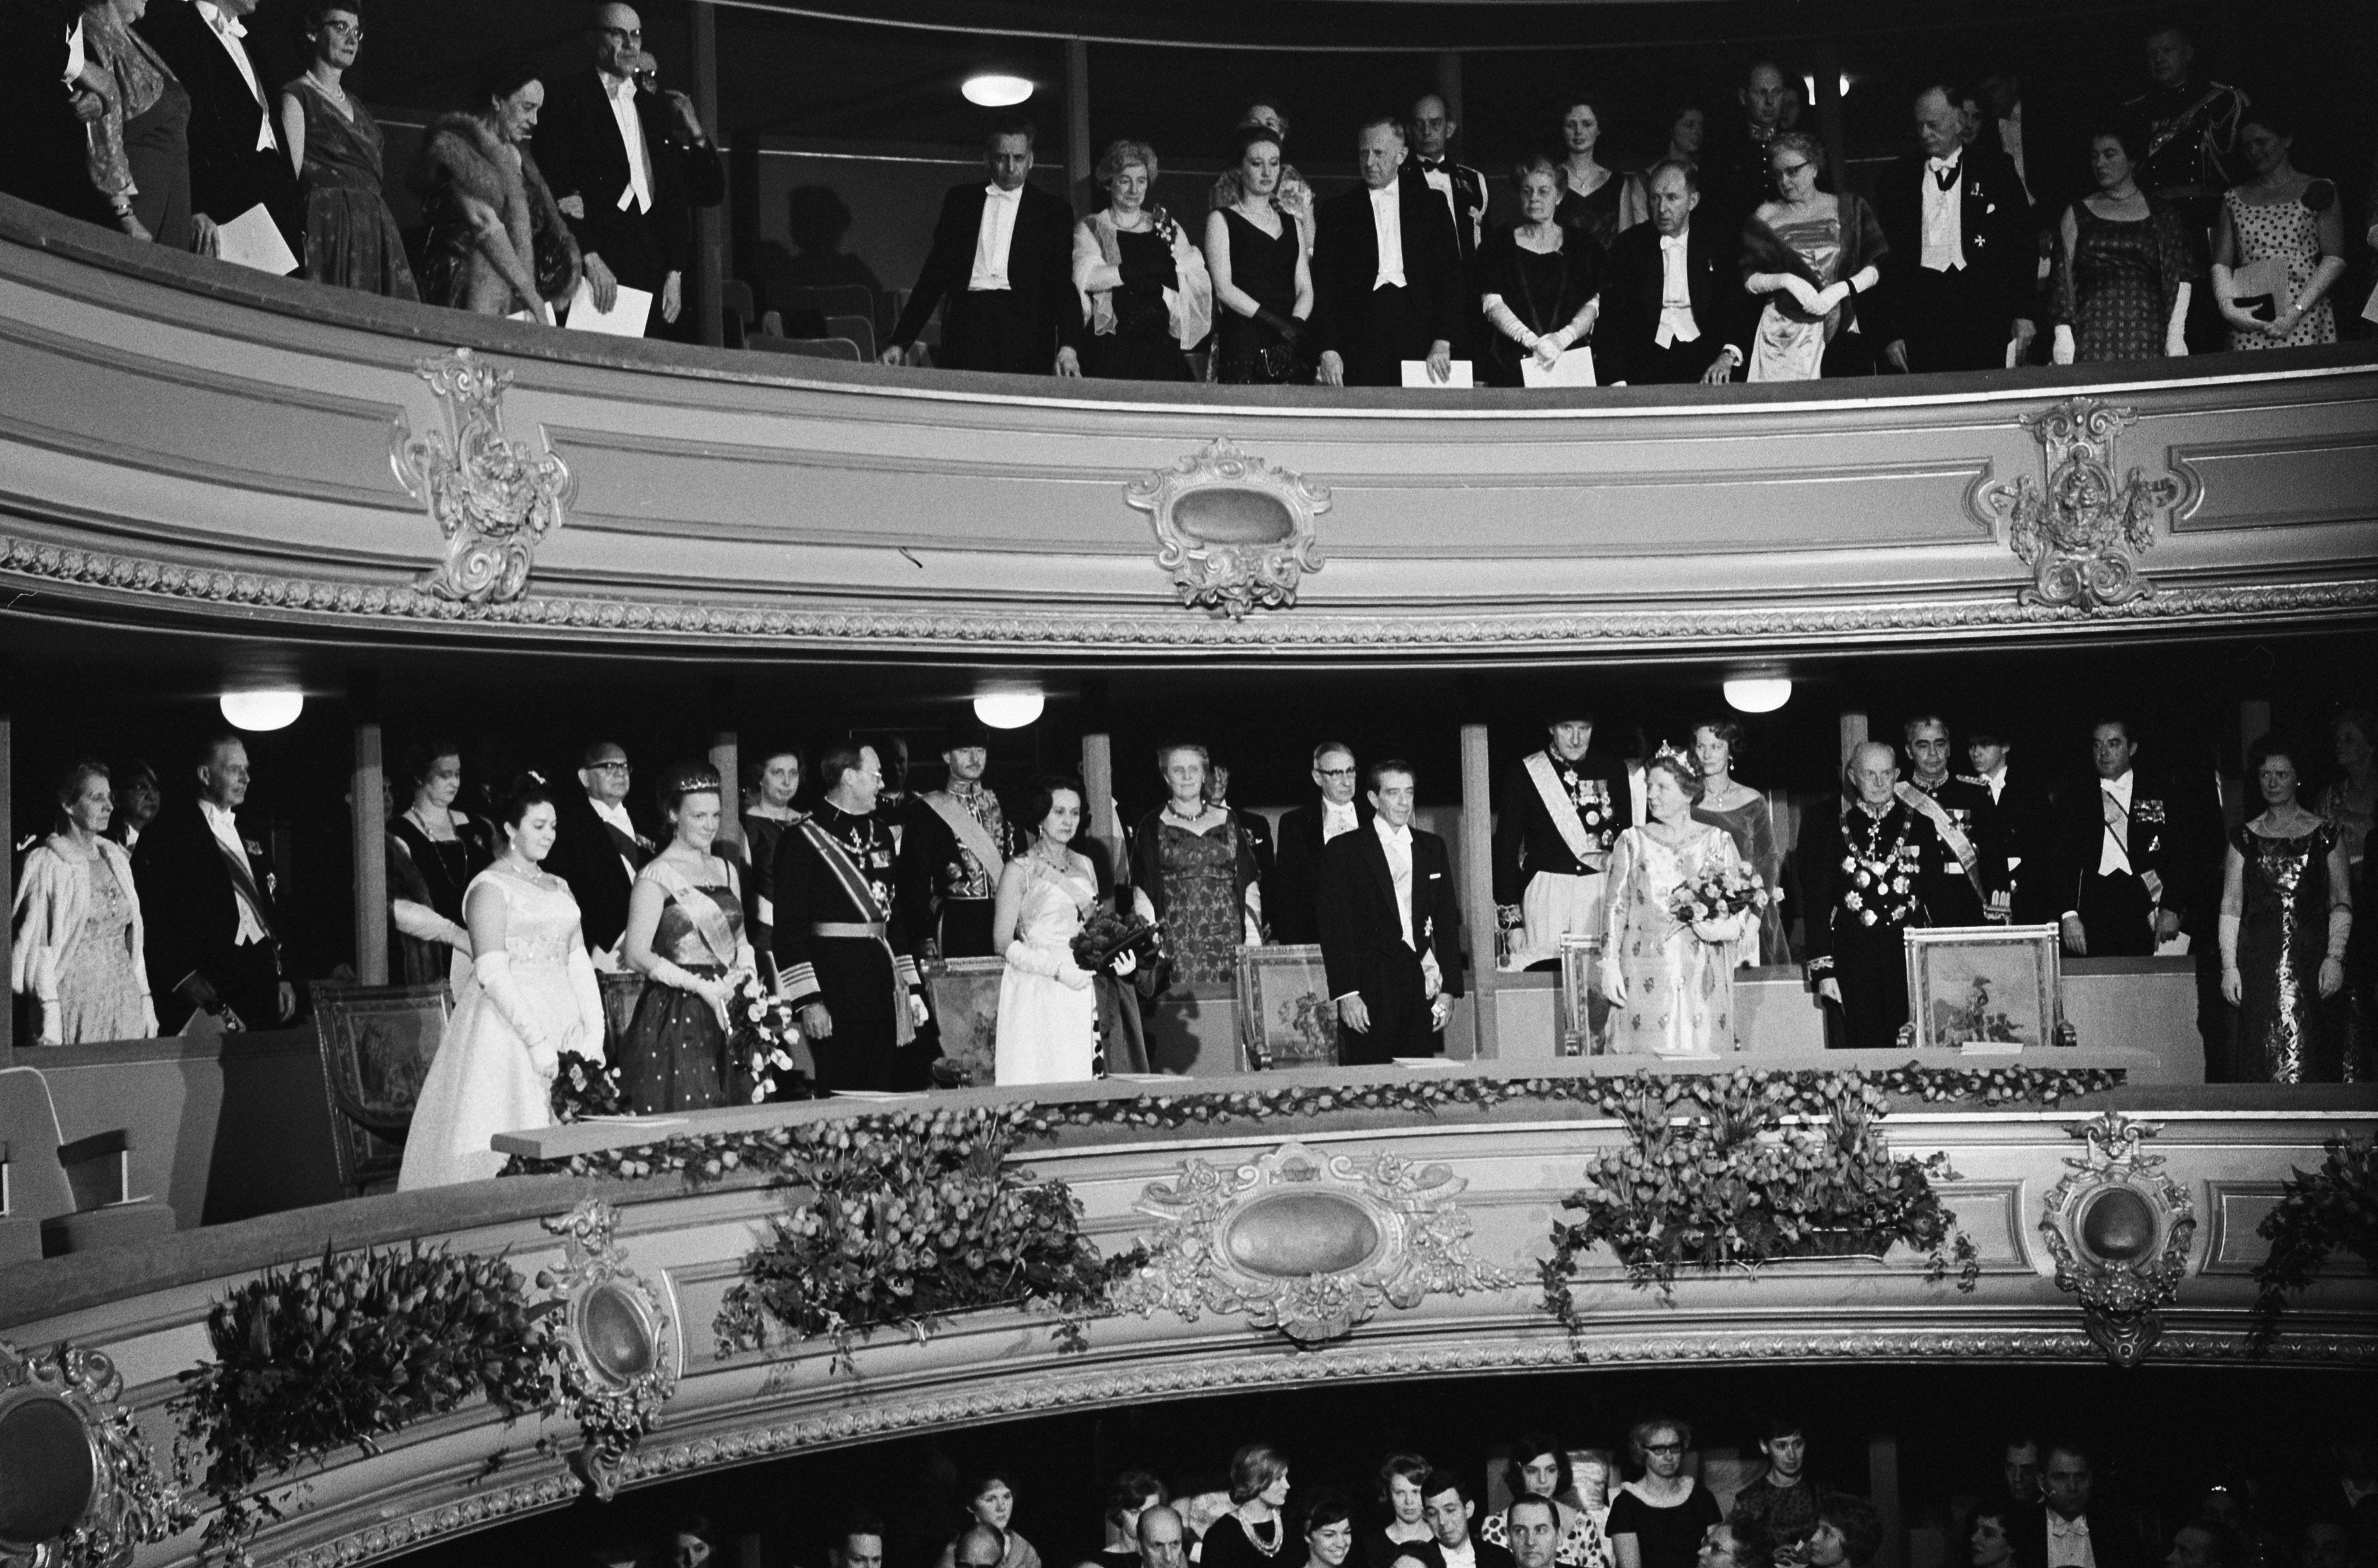 File:Bezoek President van Mexico President Lopez aan de Koninklijke Schouwburg te Den, Bestanddeelnr 915-0026.jpg